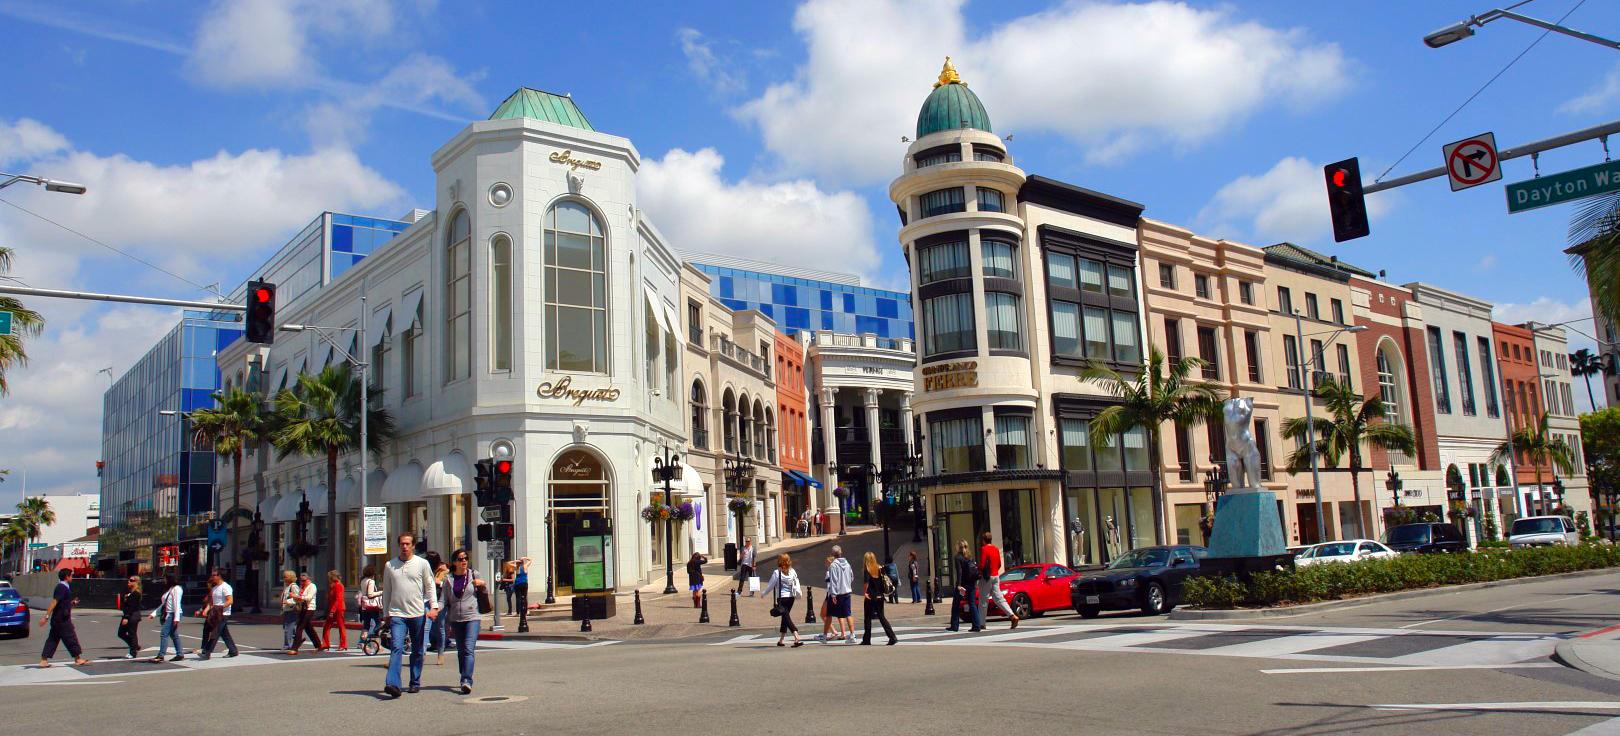 Qué hacer y ver en Los Angeles los angeles - 31975898033 a5efb459fa o - Qué hacer y ver en Los Angeles